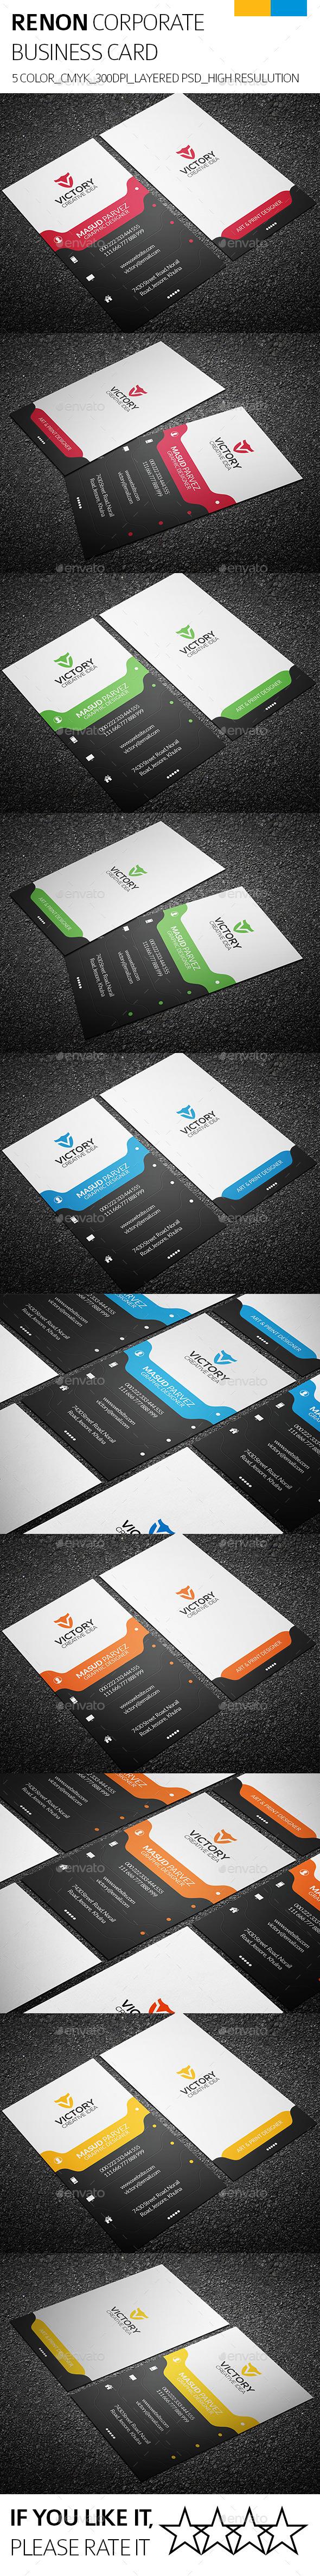 GraphicRiver Renon & Corporate Business Card 9107599